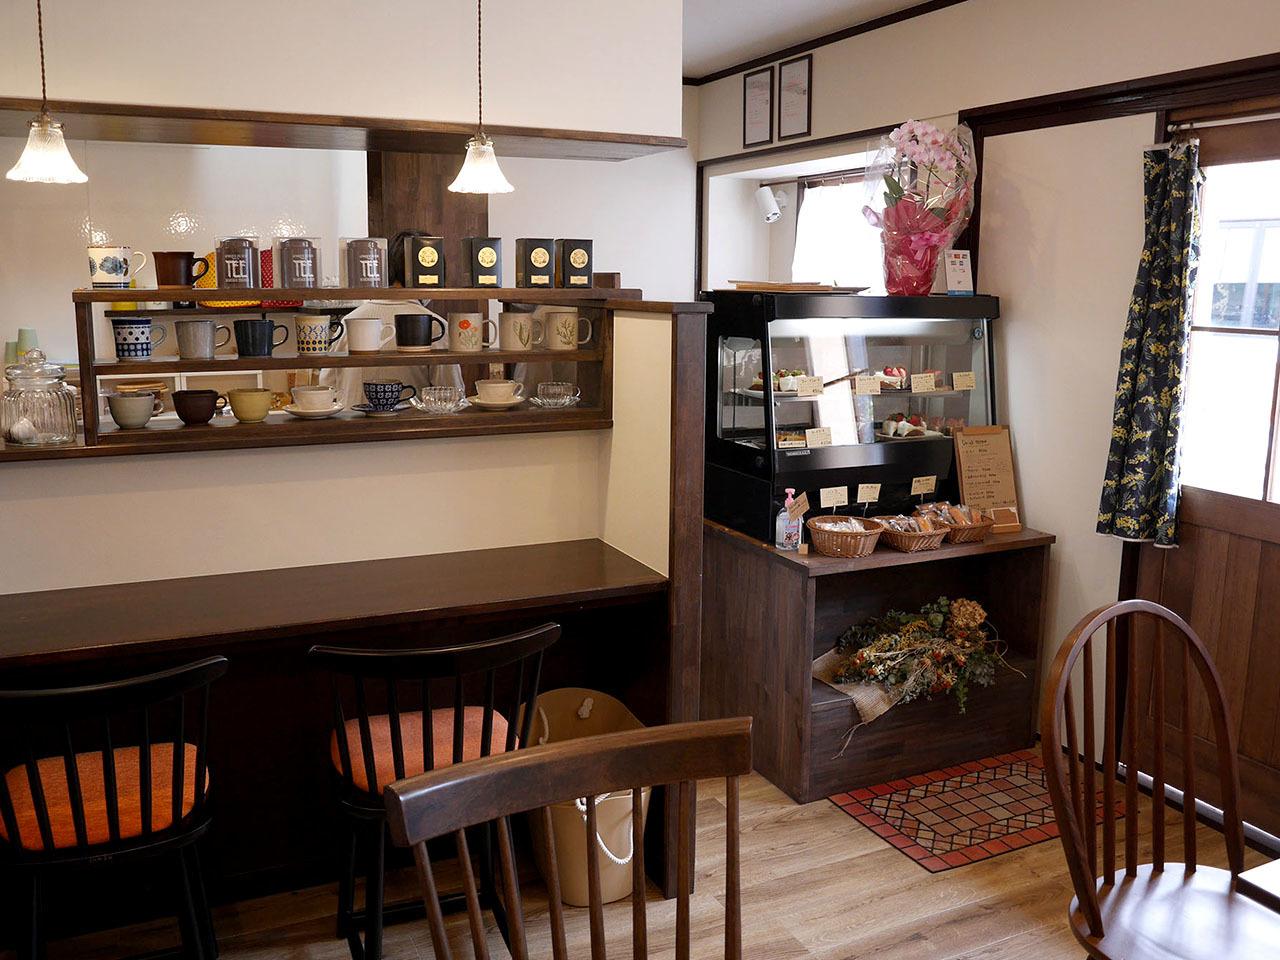 明石市荷山町|「おやつcafe Nico+」さん 2020年4月15日オープン!_a0129705_03054946.jpg